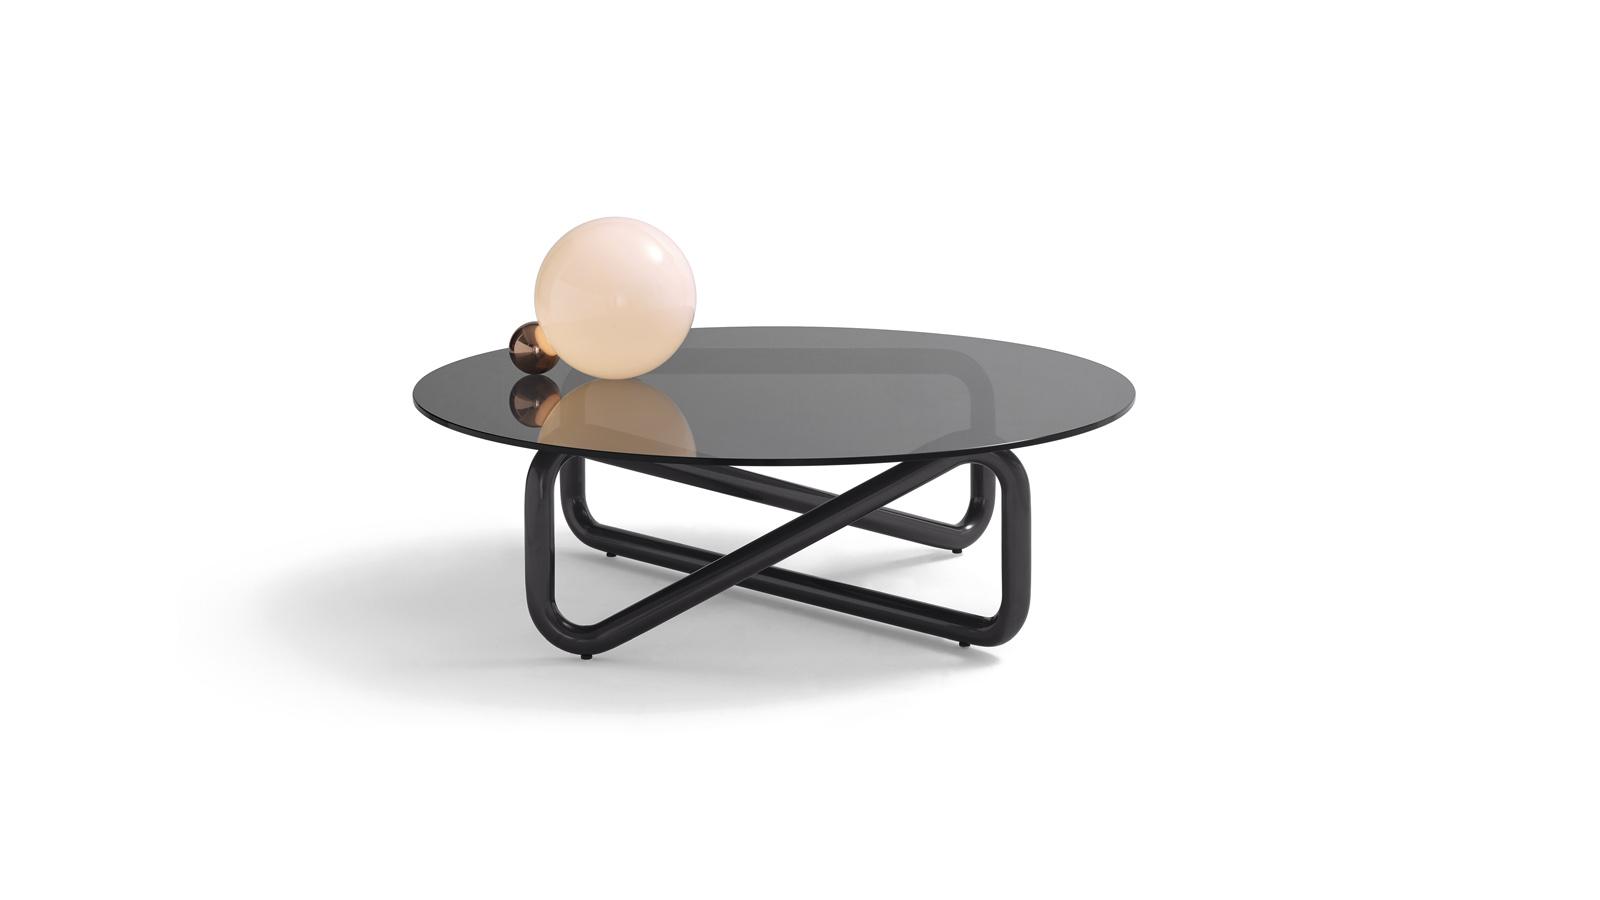 Arflex Infinity Small Table Design Claesson Koivisto Rune Arflex